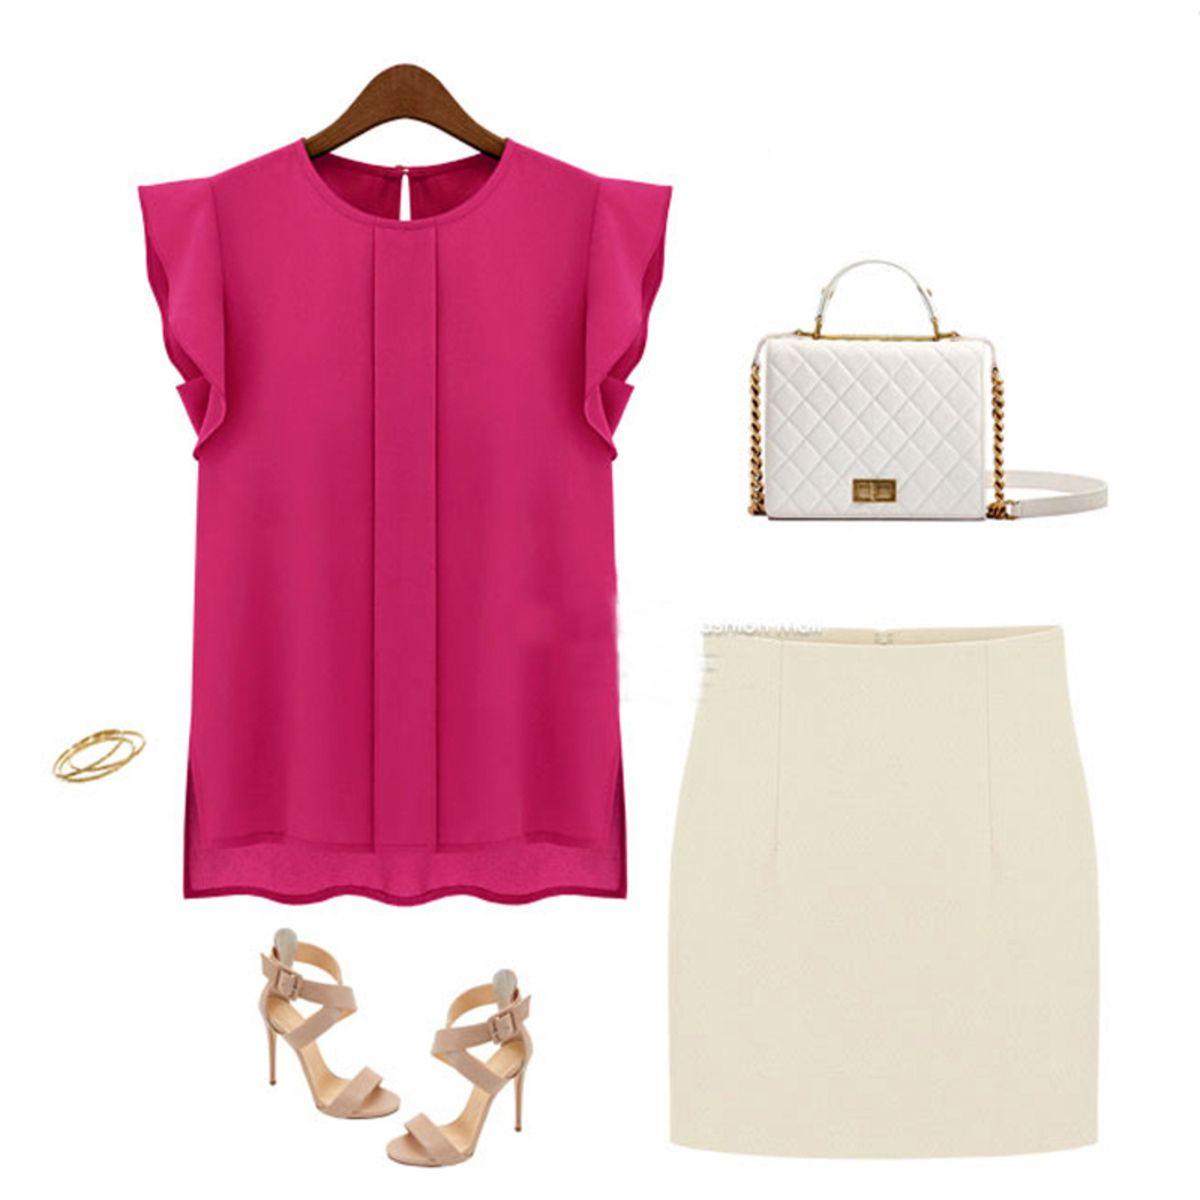 02d894ad1 Comprar roupas femininas online